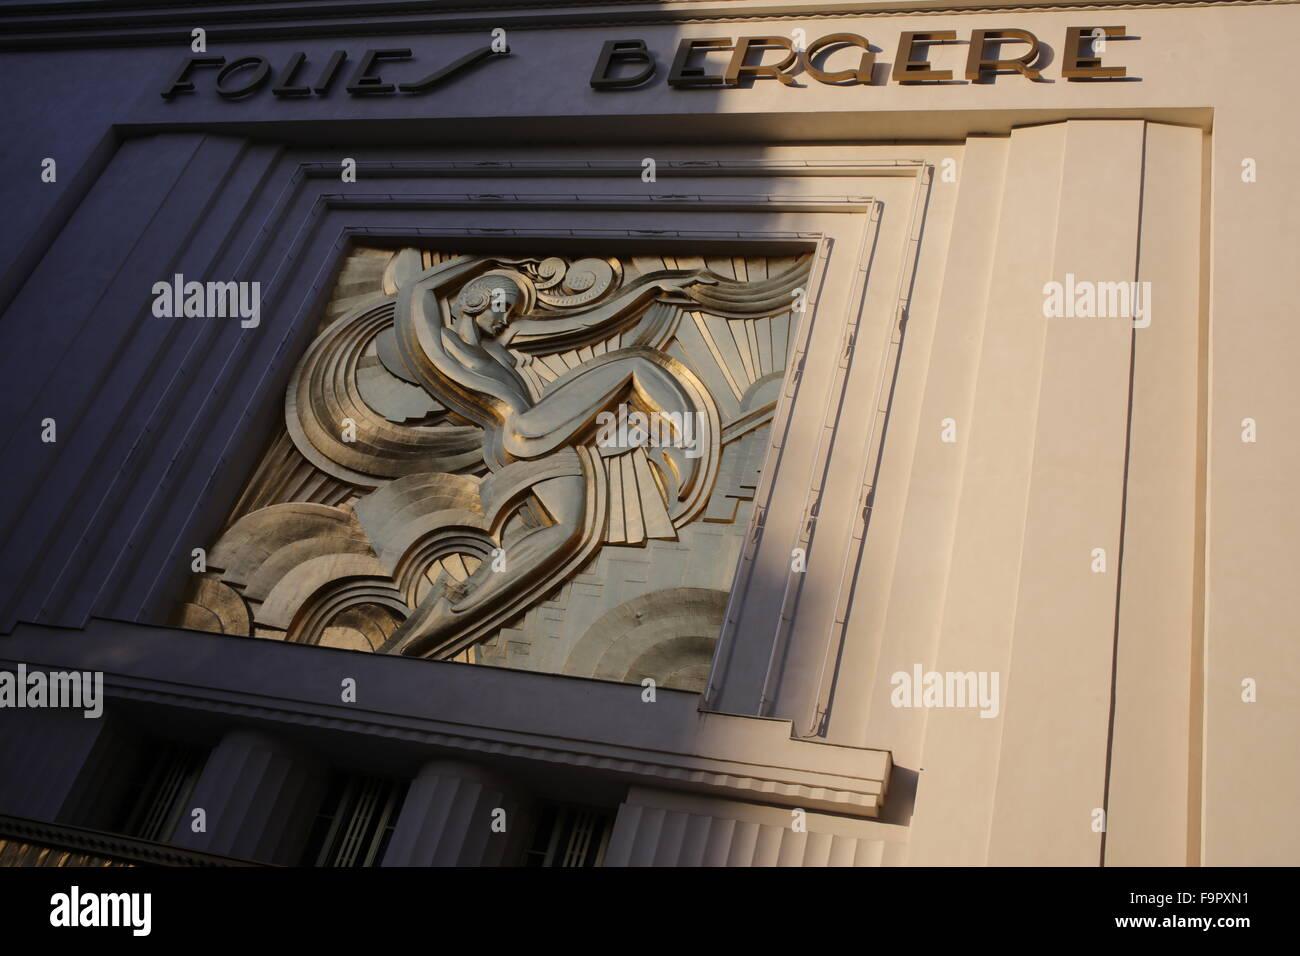 The Folies Bergère - rue Richer - 9th arrondissement - Paris - France - Stock Image